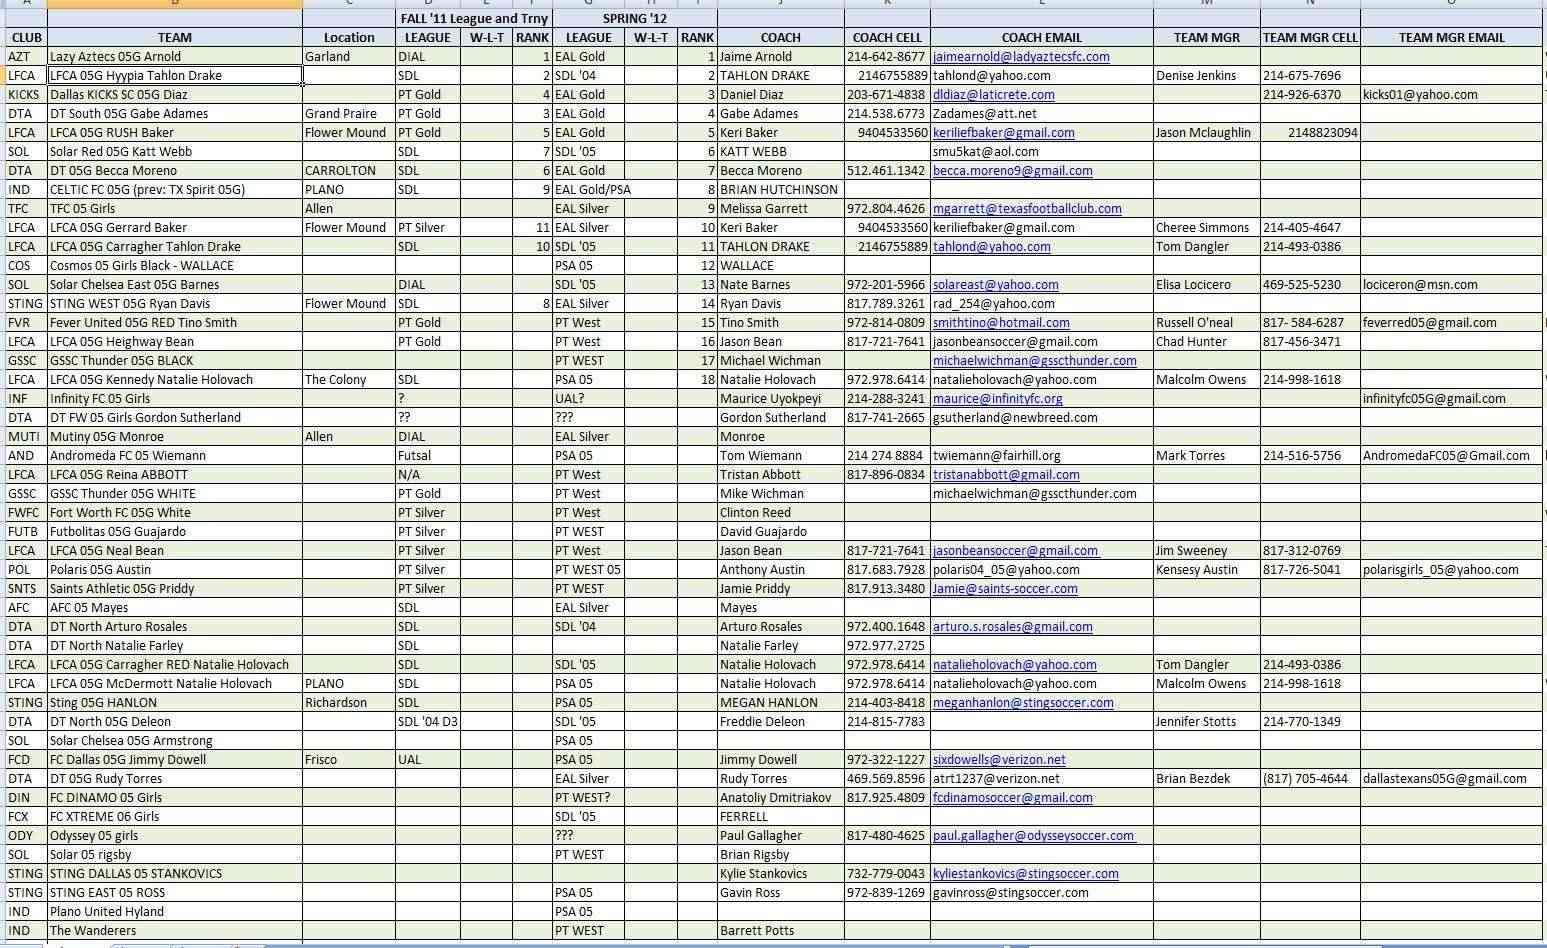 05 Girls Soccer Teams Master List 05girl18